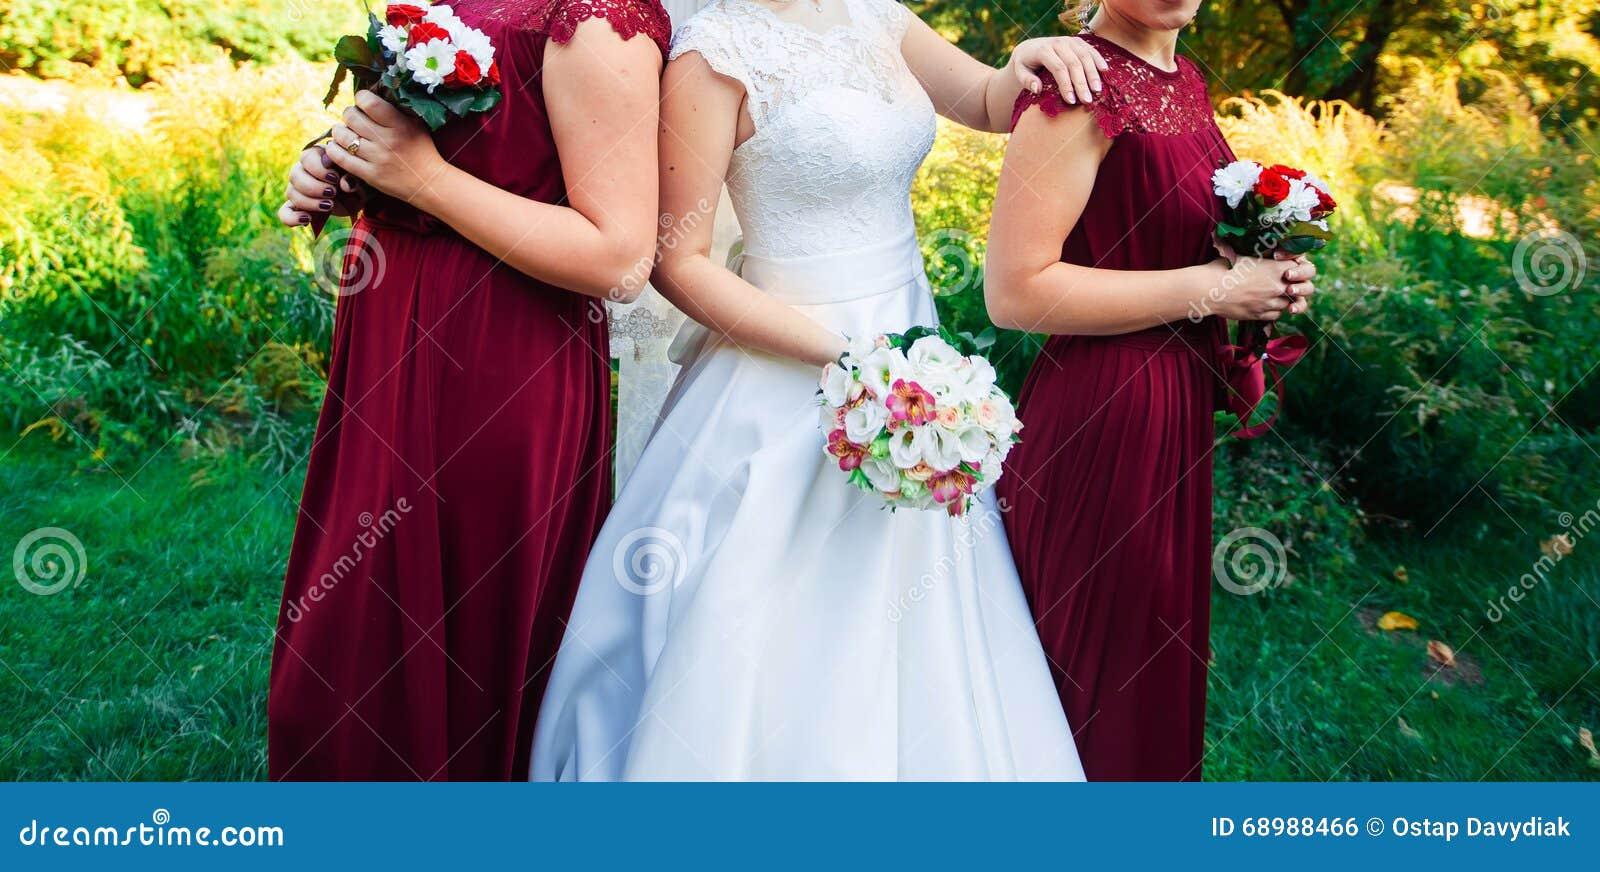 Braut, Reihe von Brautjungfern mit Blumensträußen an der großen Hochzeitszeremonie